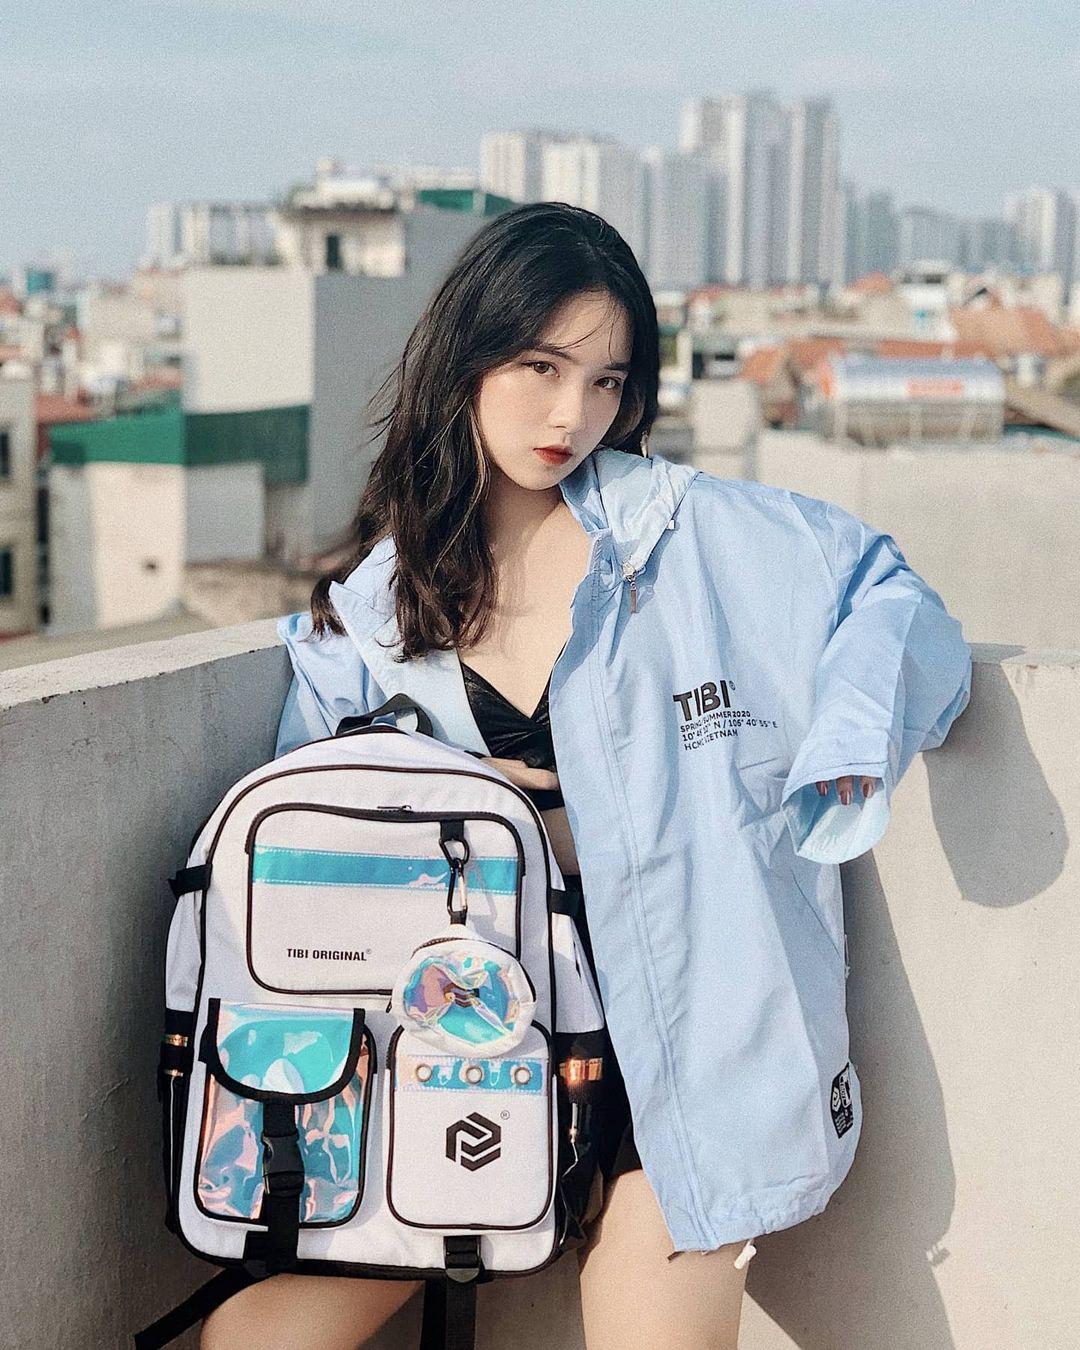 Muốn sắm áo gió thật chất phải hóng ngay 6 local brand Việt này - Ảnh 3.